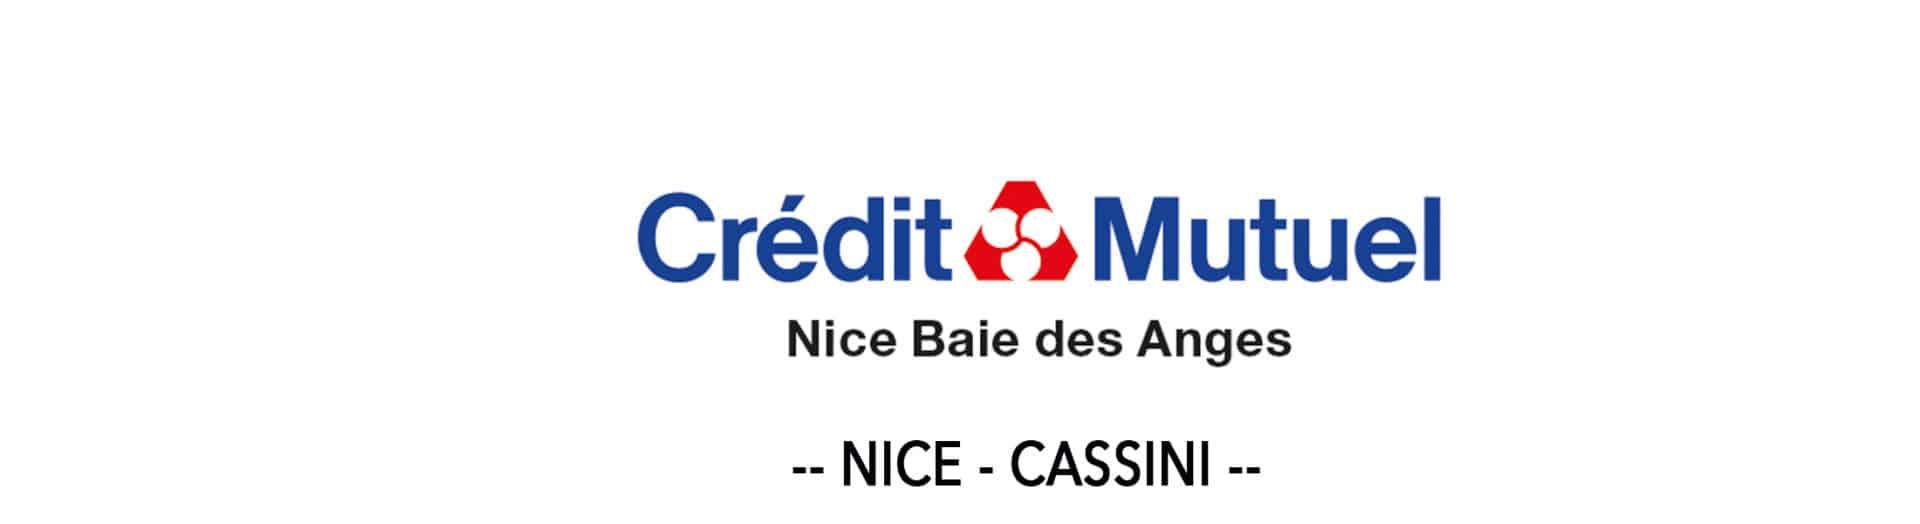 crédit mutuel, check my house, assurance habitation, examen immobilier, inspection immobilière